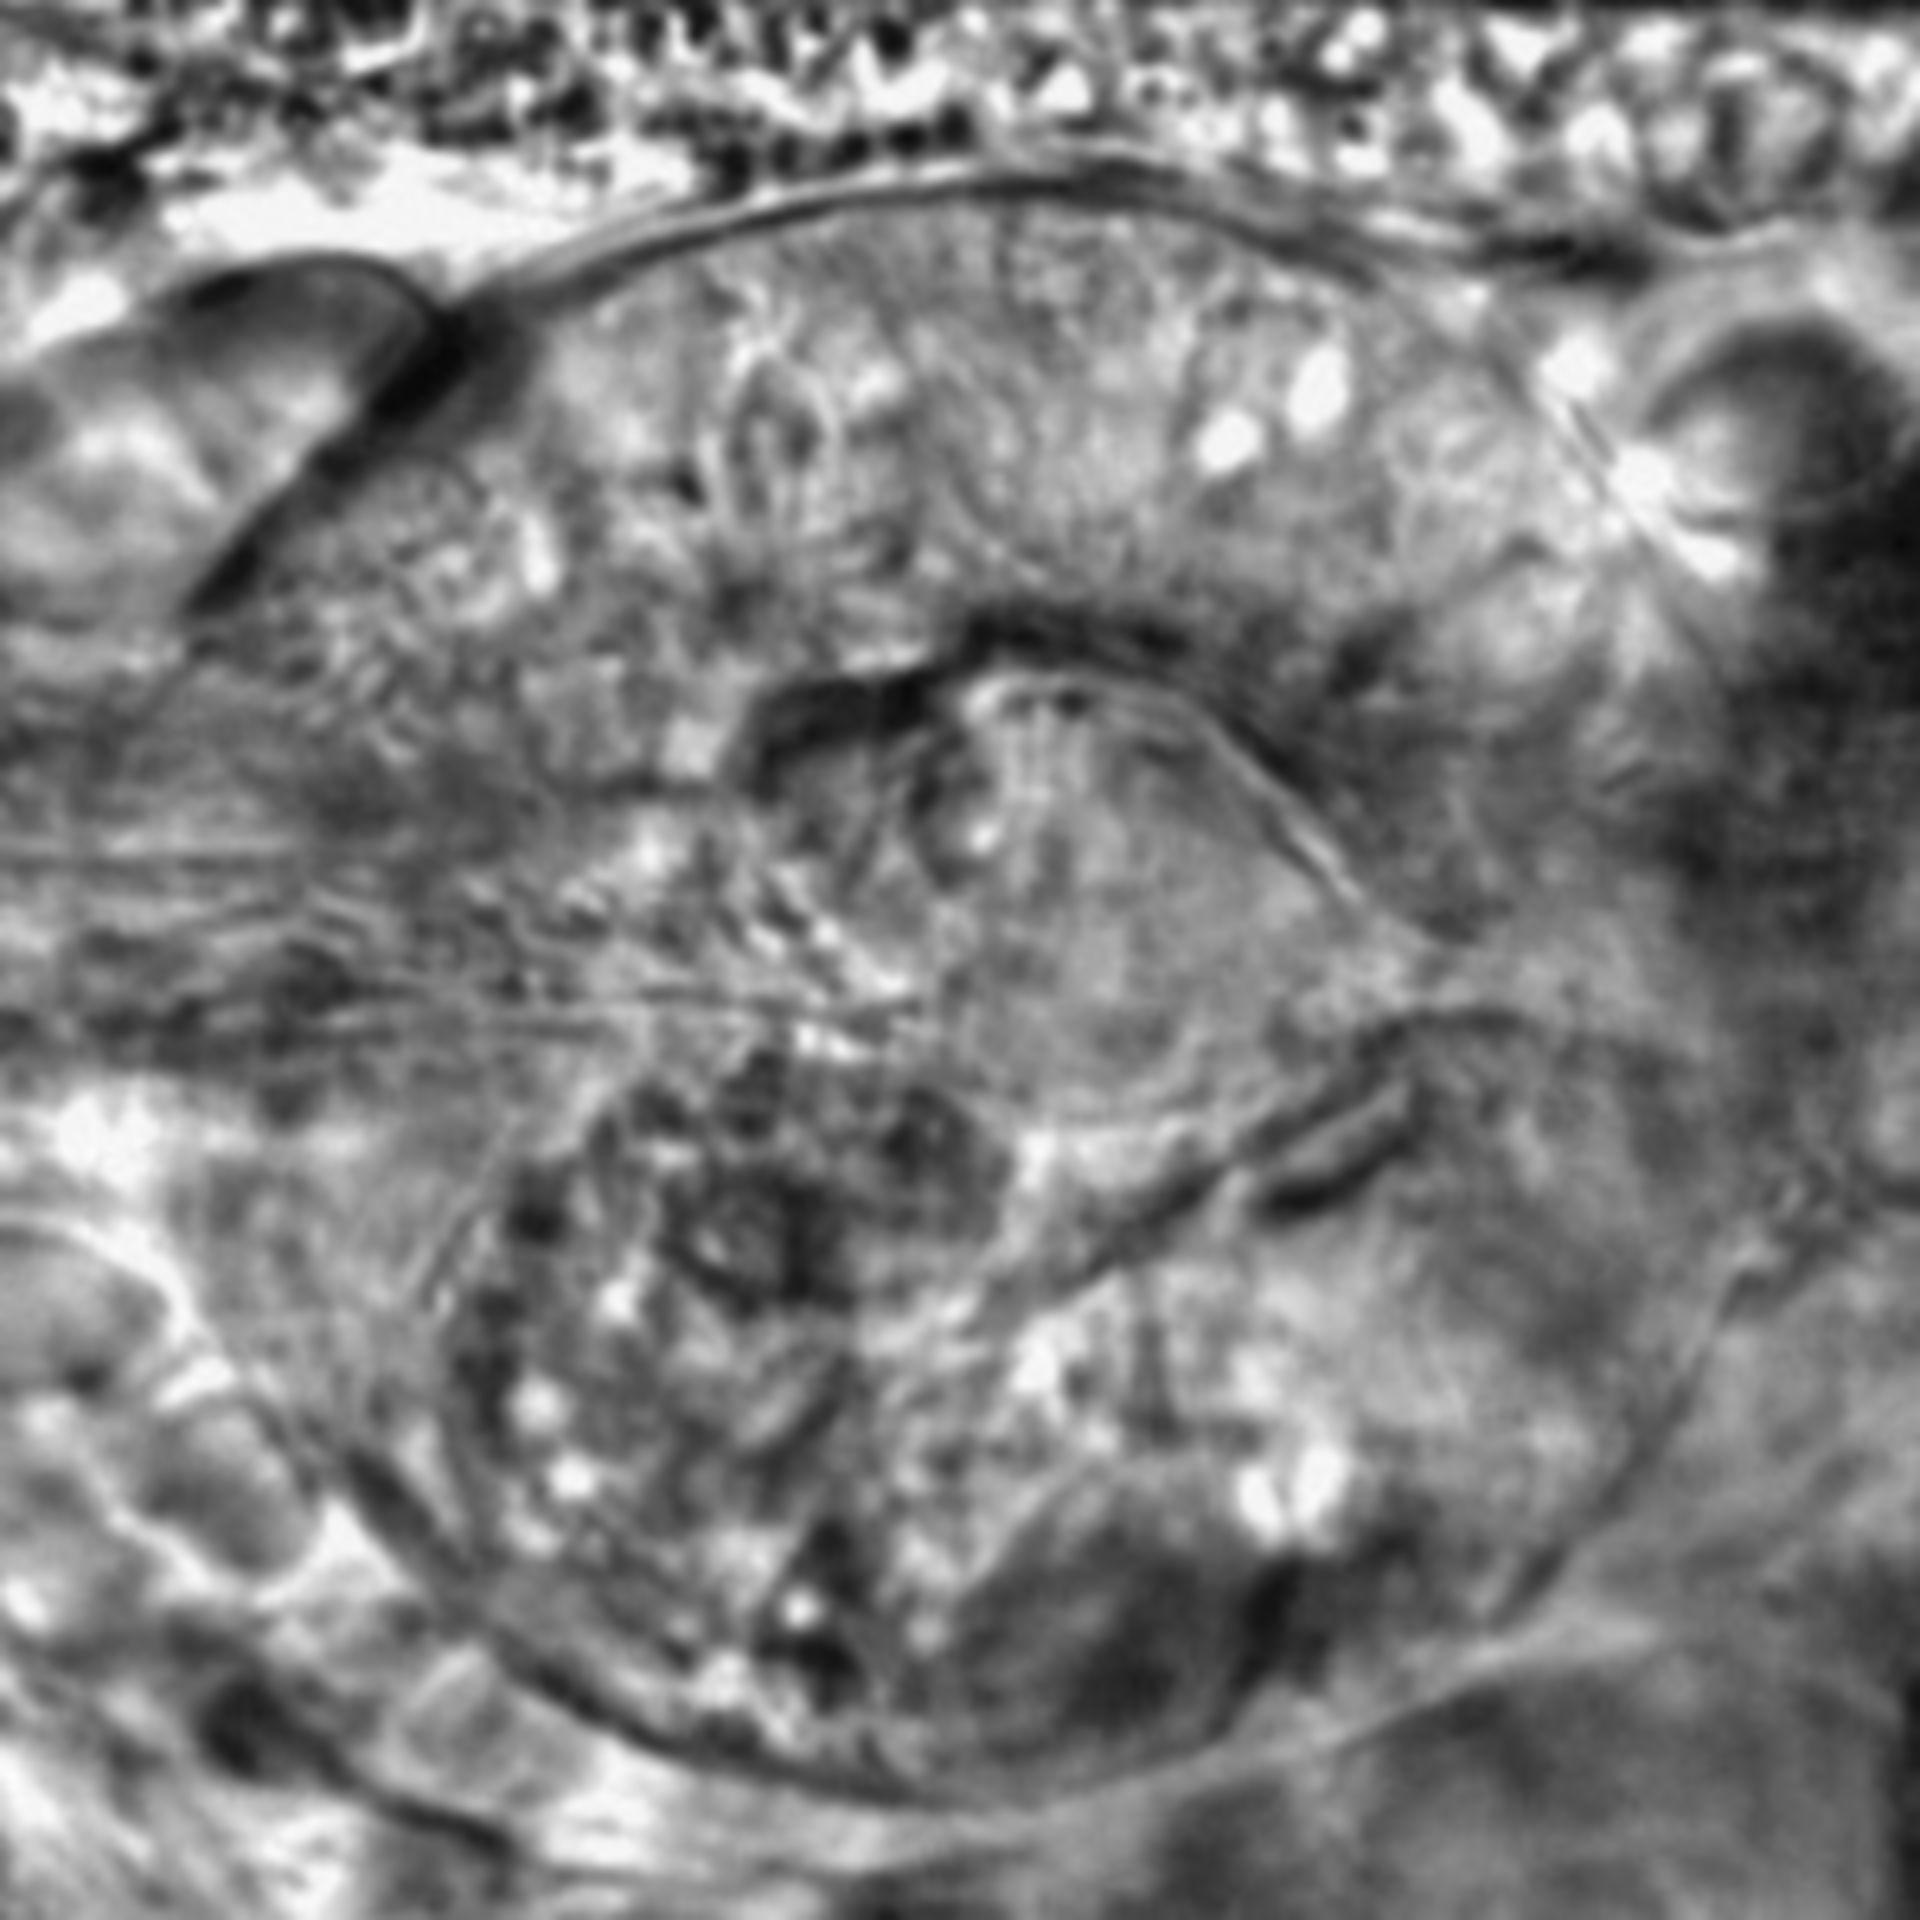 Caenorhabditis elegans - CIL:2599